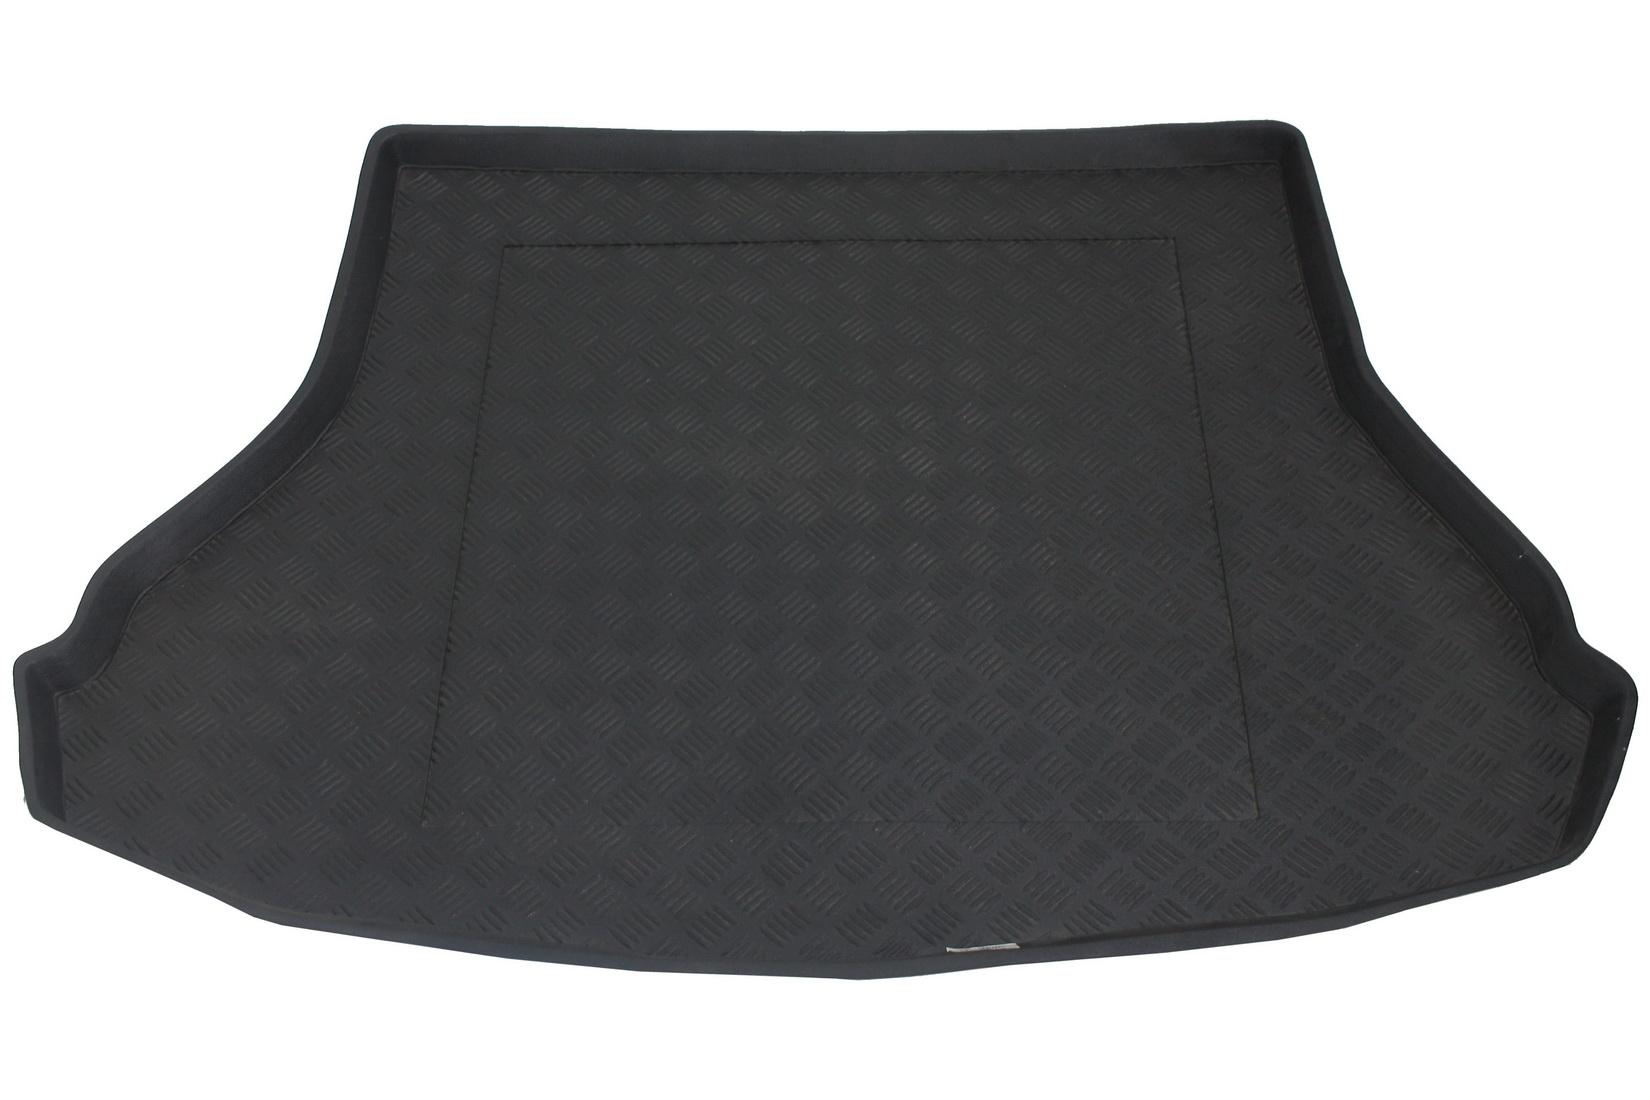 Covoras tavita portbagaj compatibil cu HYUNDAI Elantra V (2010-Up)